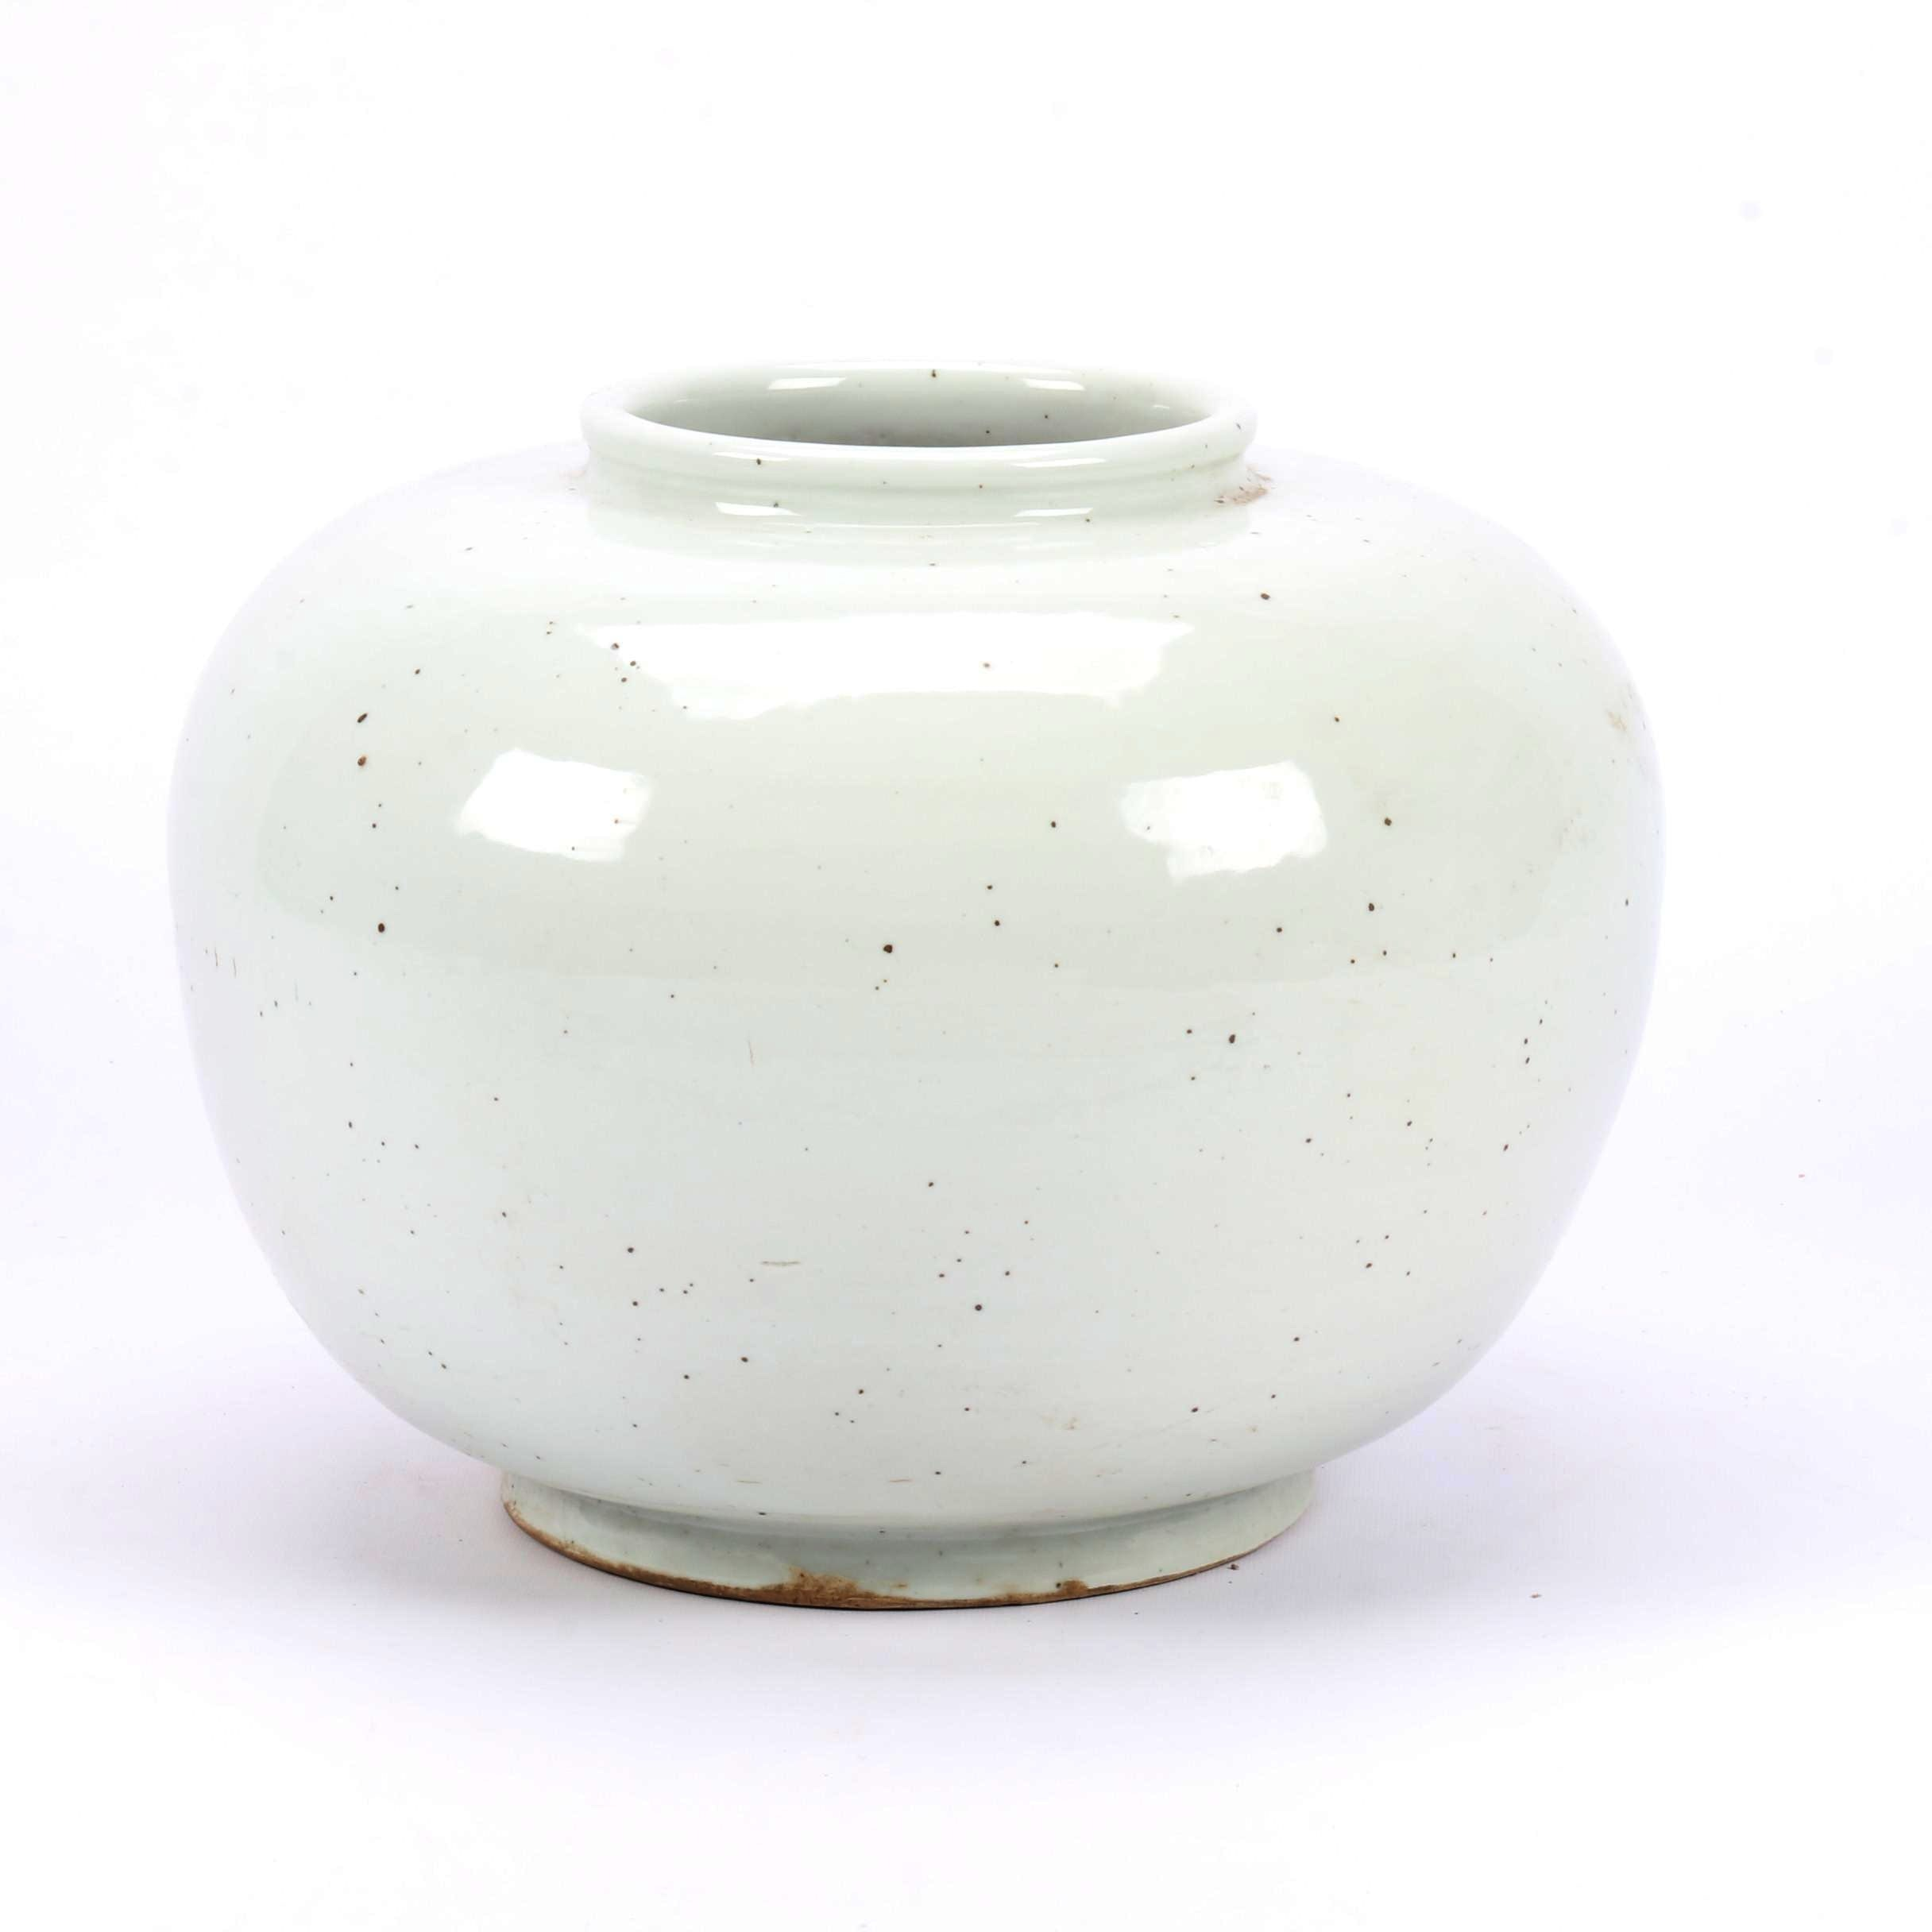 Large Chinese Monochrome Earthenware Vase